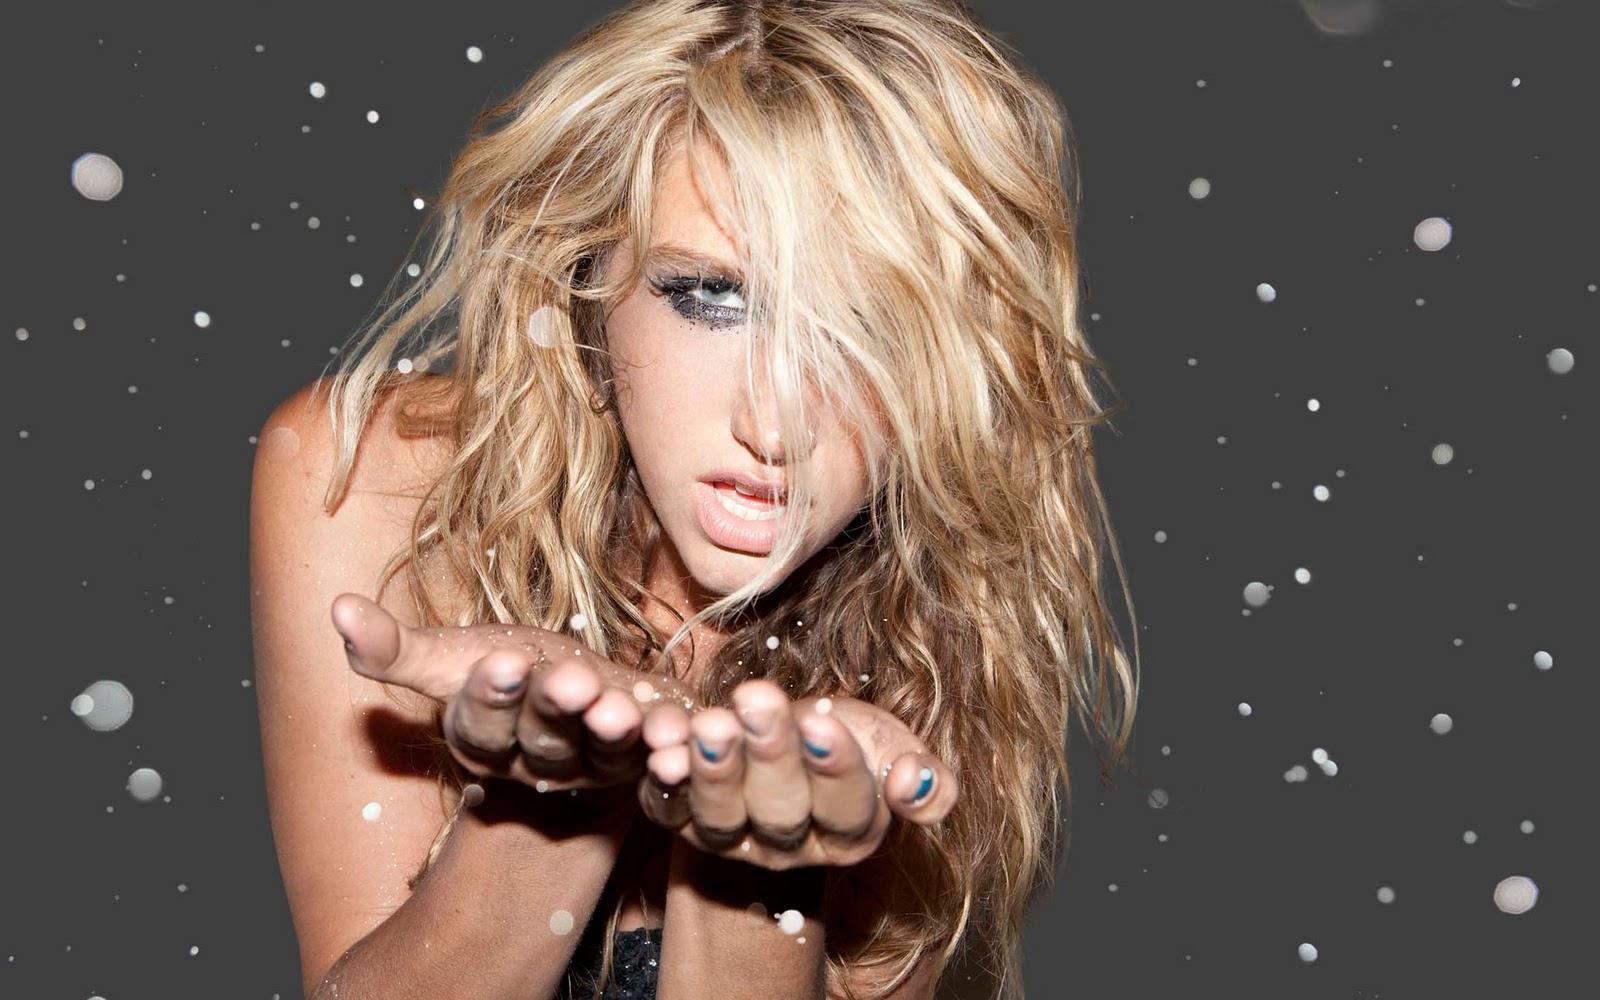 http://2.bp.blogspot.com/-5LMgw2kFLGY/UFmmQXDm0gI/AAAAAAAADGg/7osV5tLgOWo/s1600/Kesha-Wallpapers-2010-4.jpg